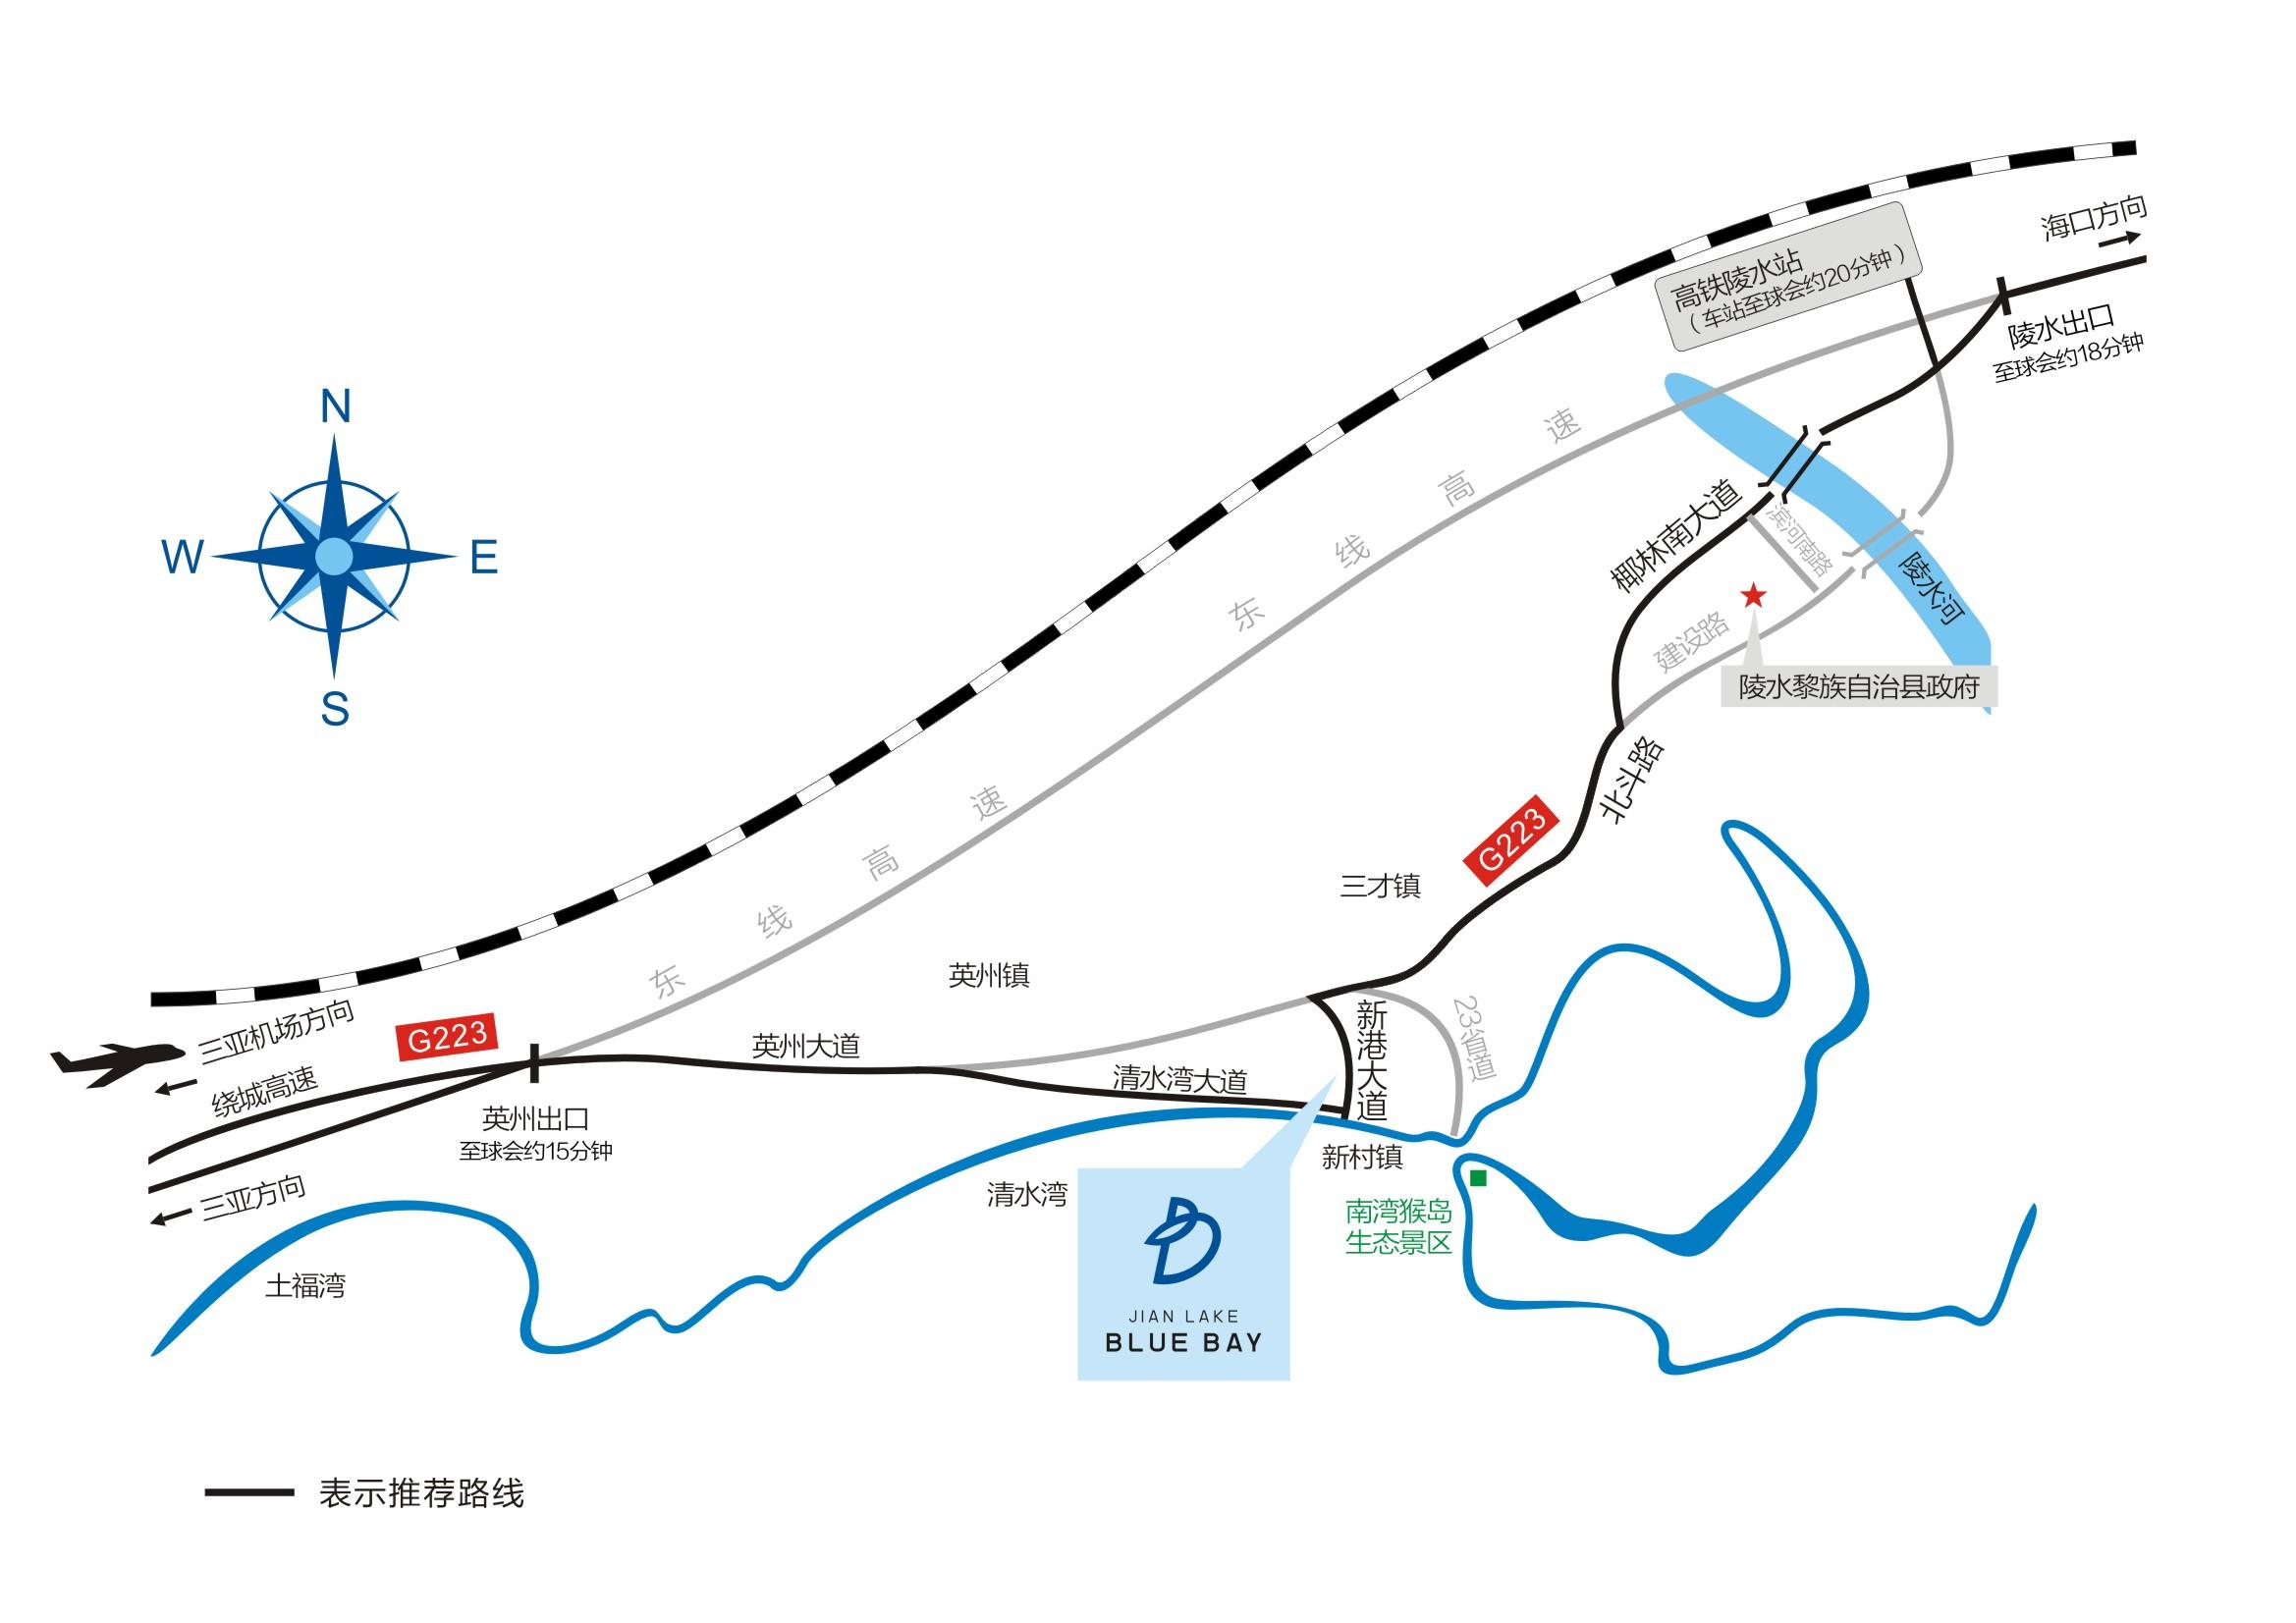 海南鉴湖蓝湾高尔夫球会位置图示